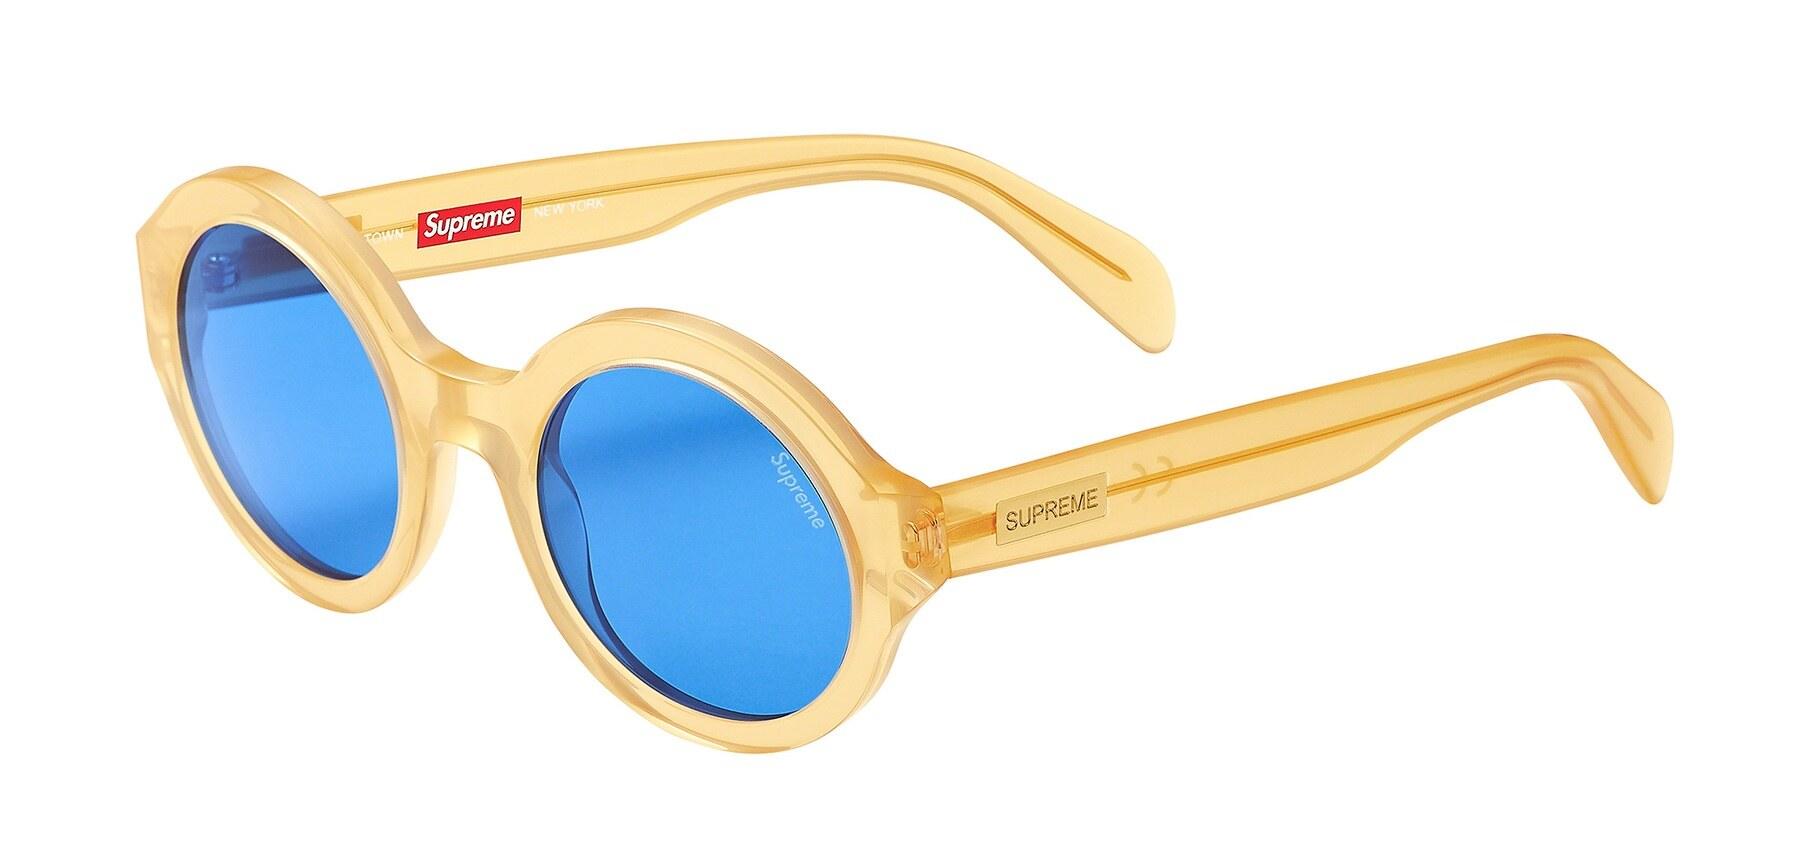 Supreme eyewear Spring/Summer 2021